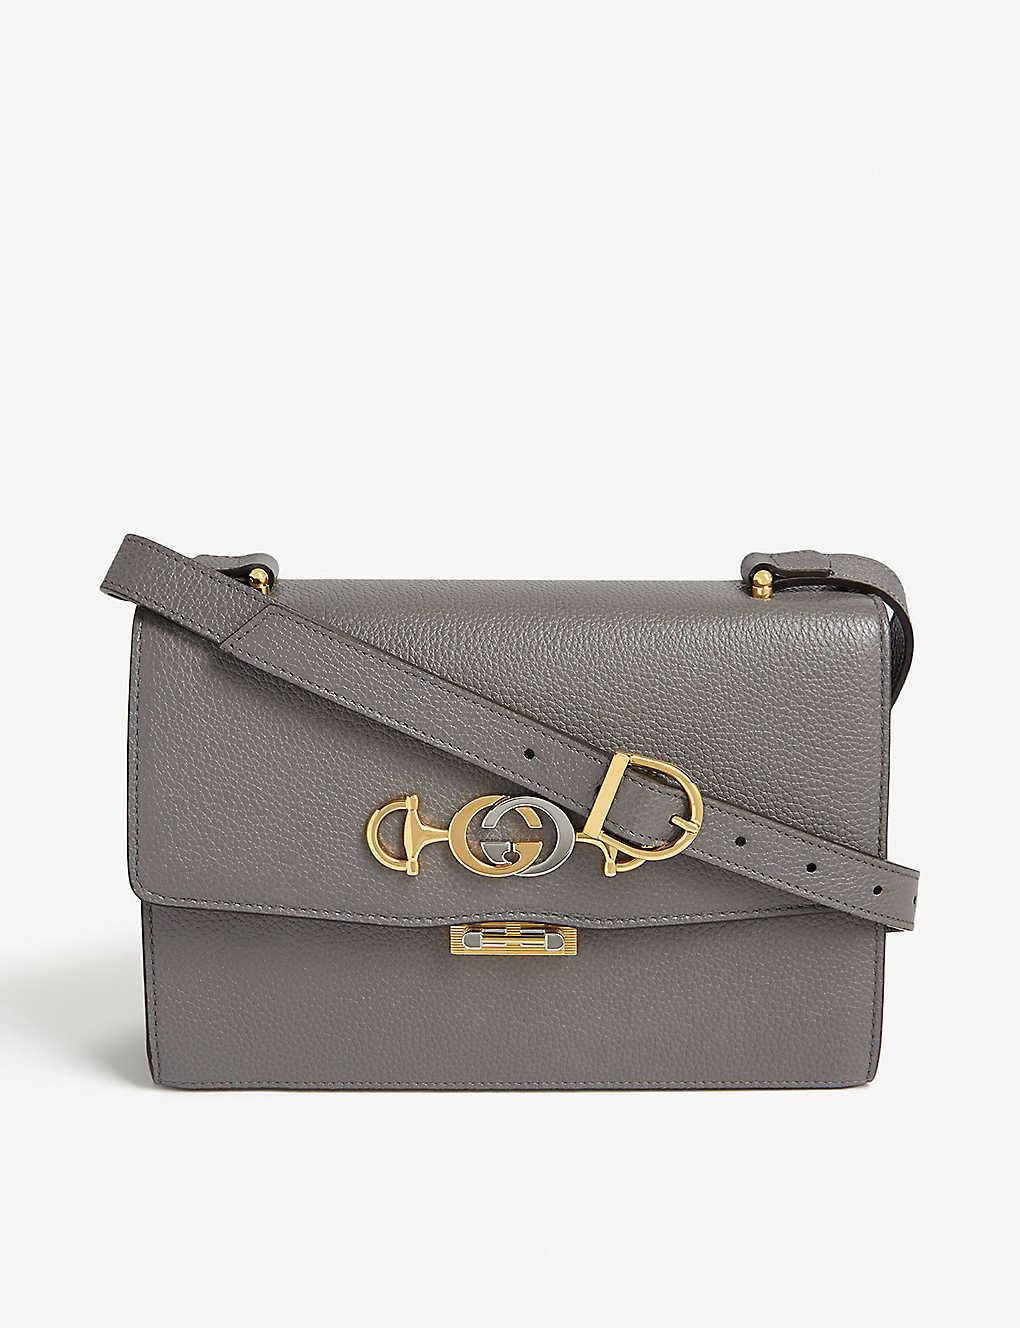 Zumi leather shoulder bag - DUSTY GREY